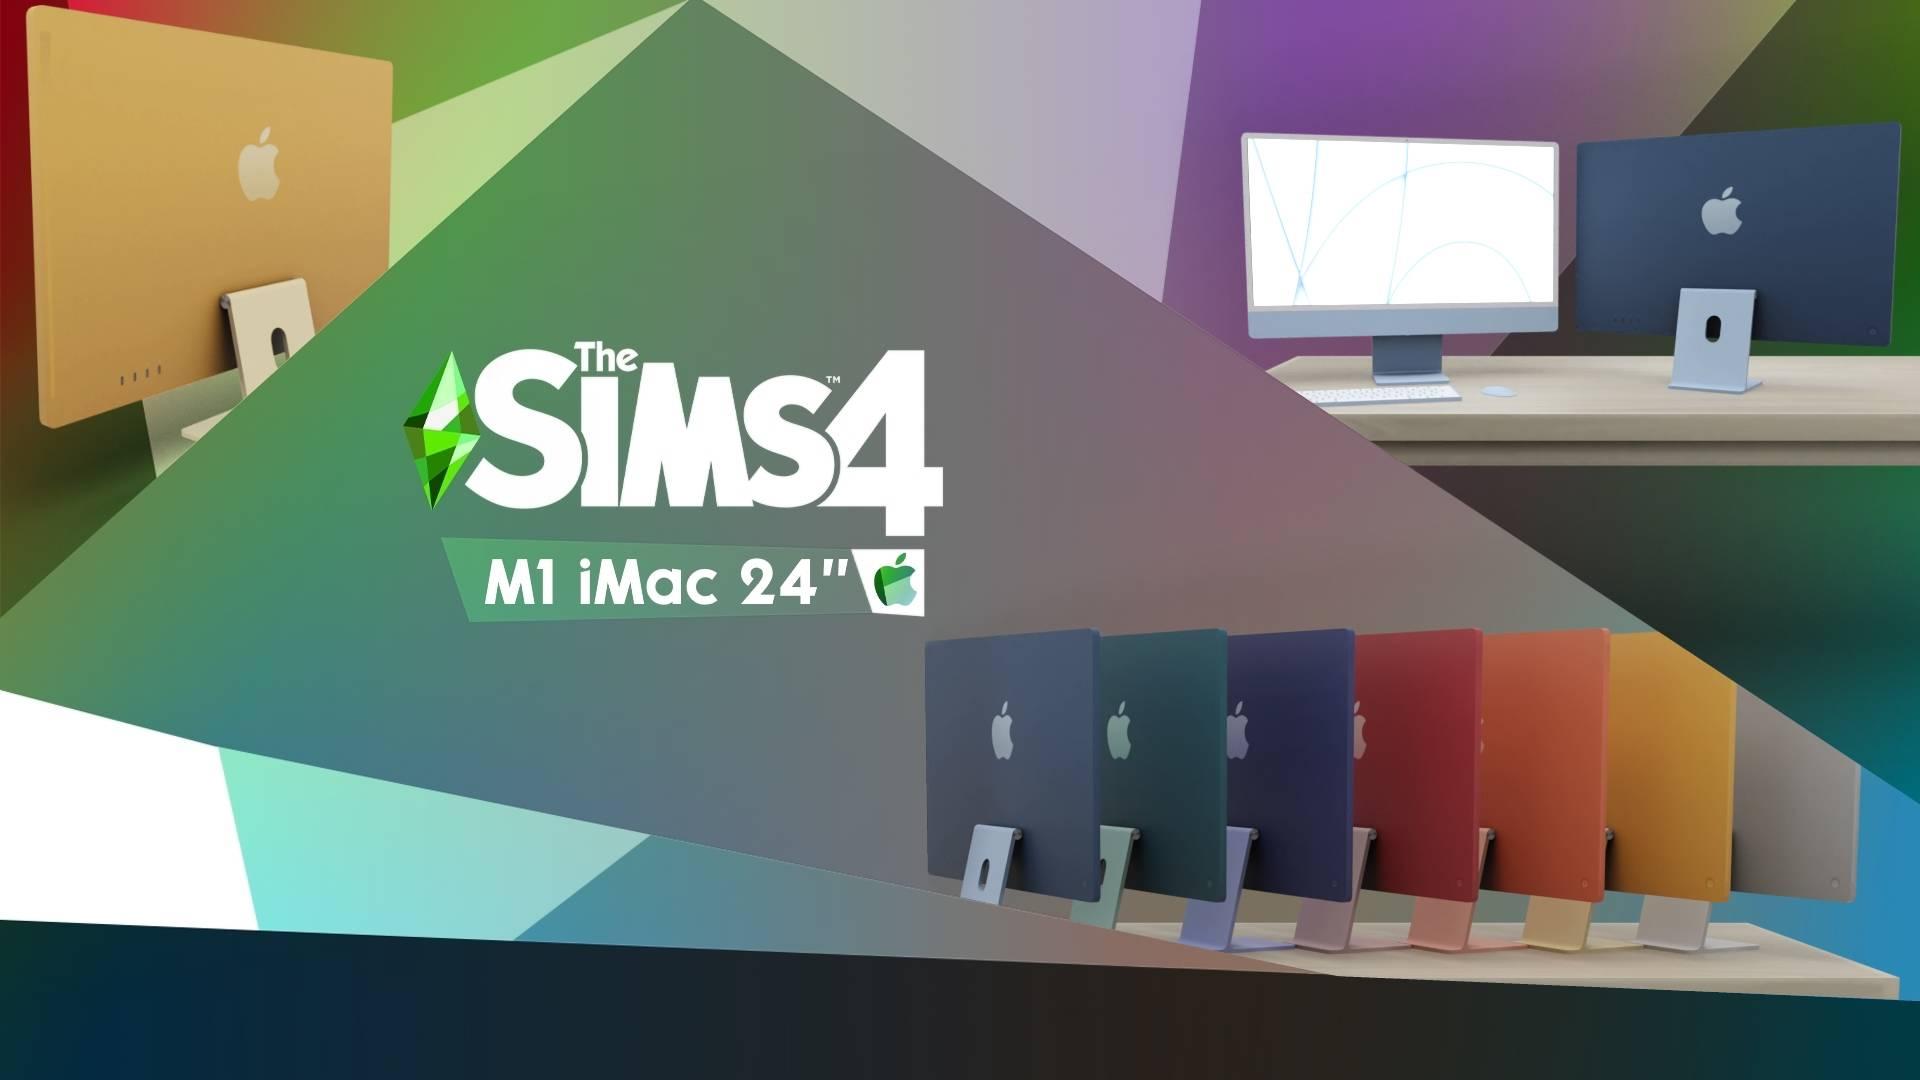 Компьютер - M1 iMac 24